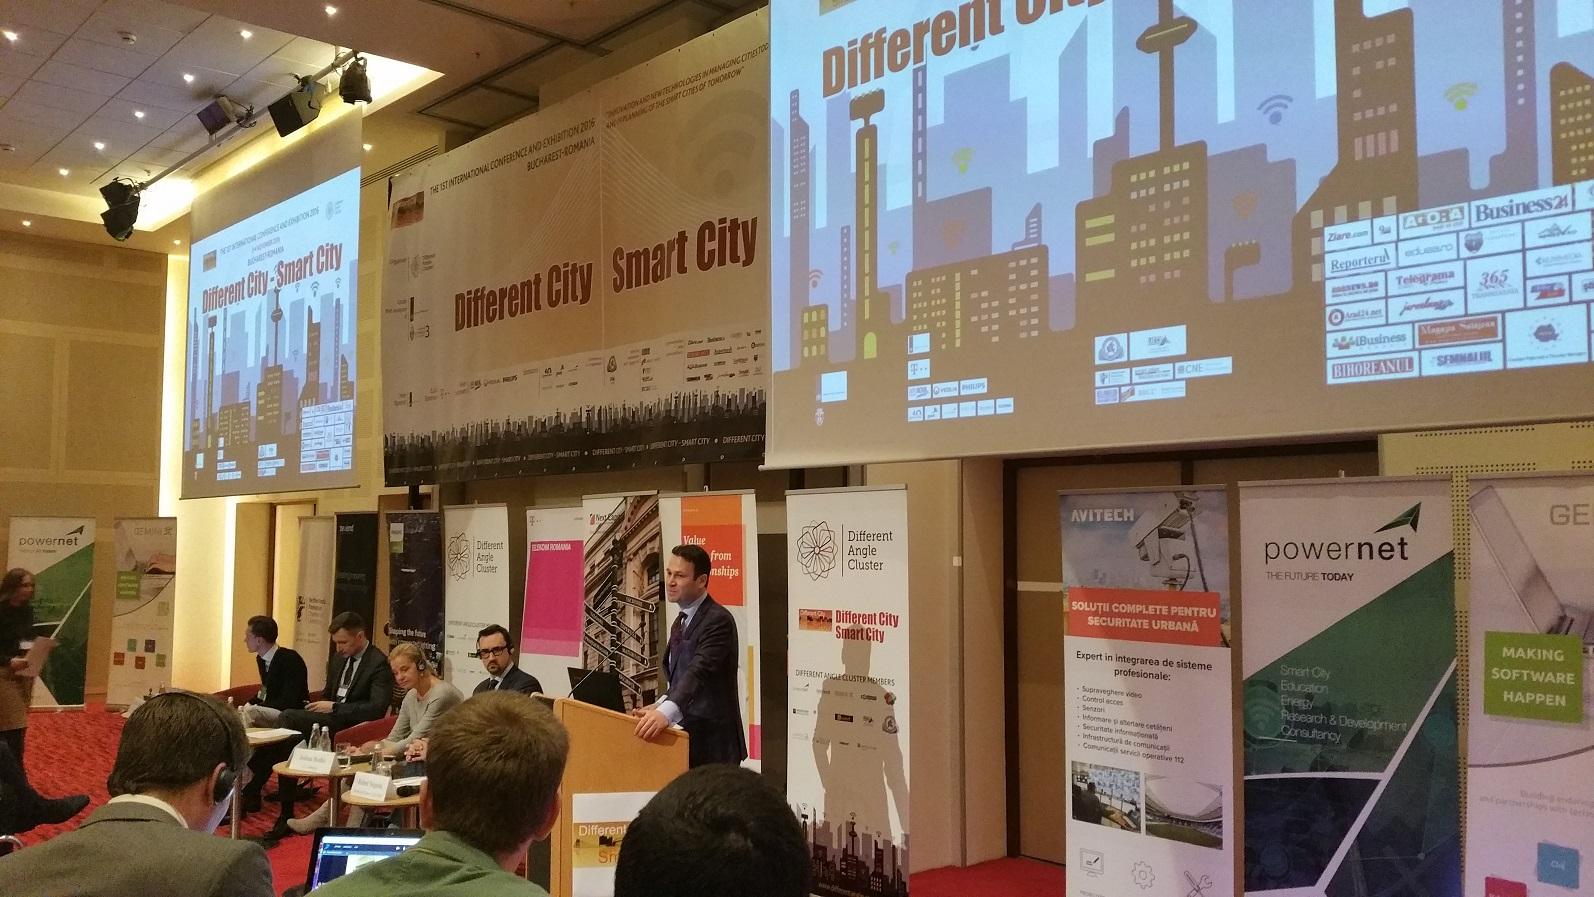 different-city-smart-city-foto-pavaza-carpatilor2